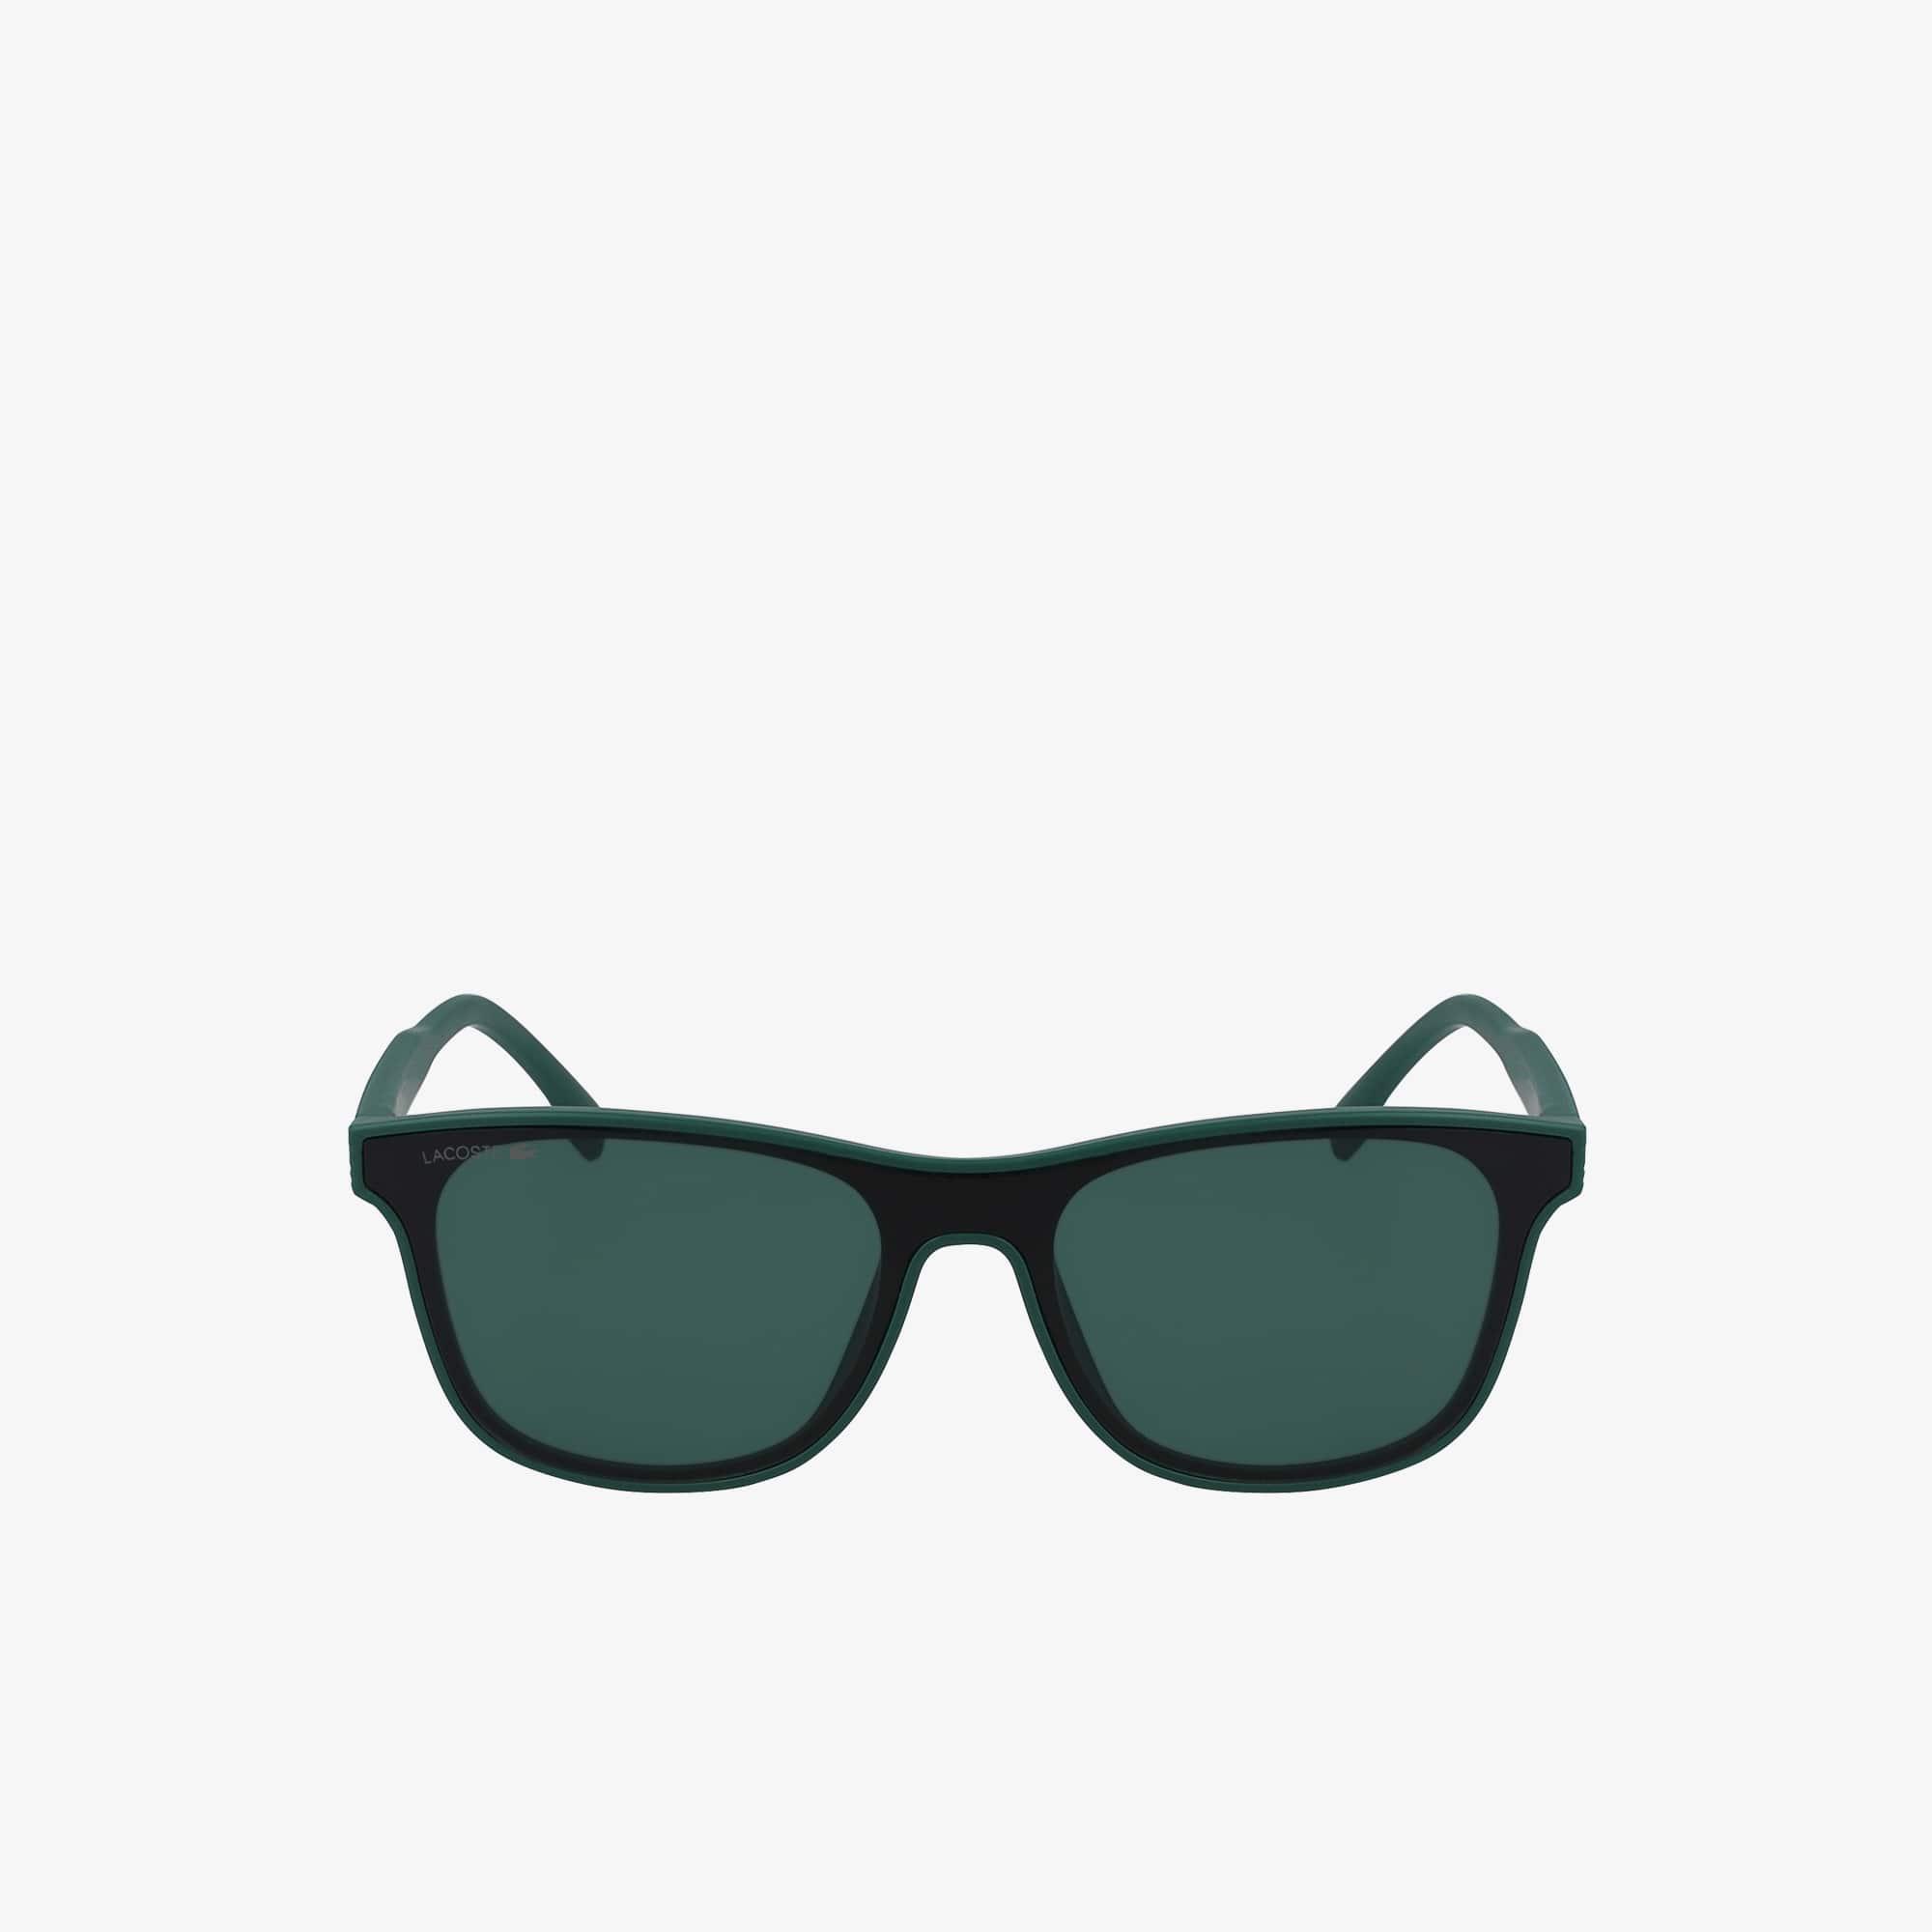 Gafas de sol Shield L.12.12 con montura de plástico